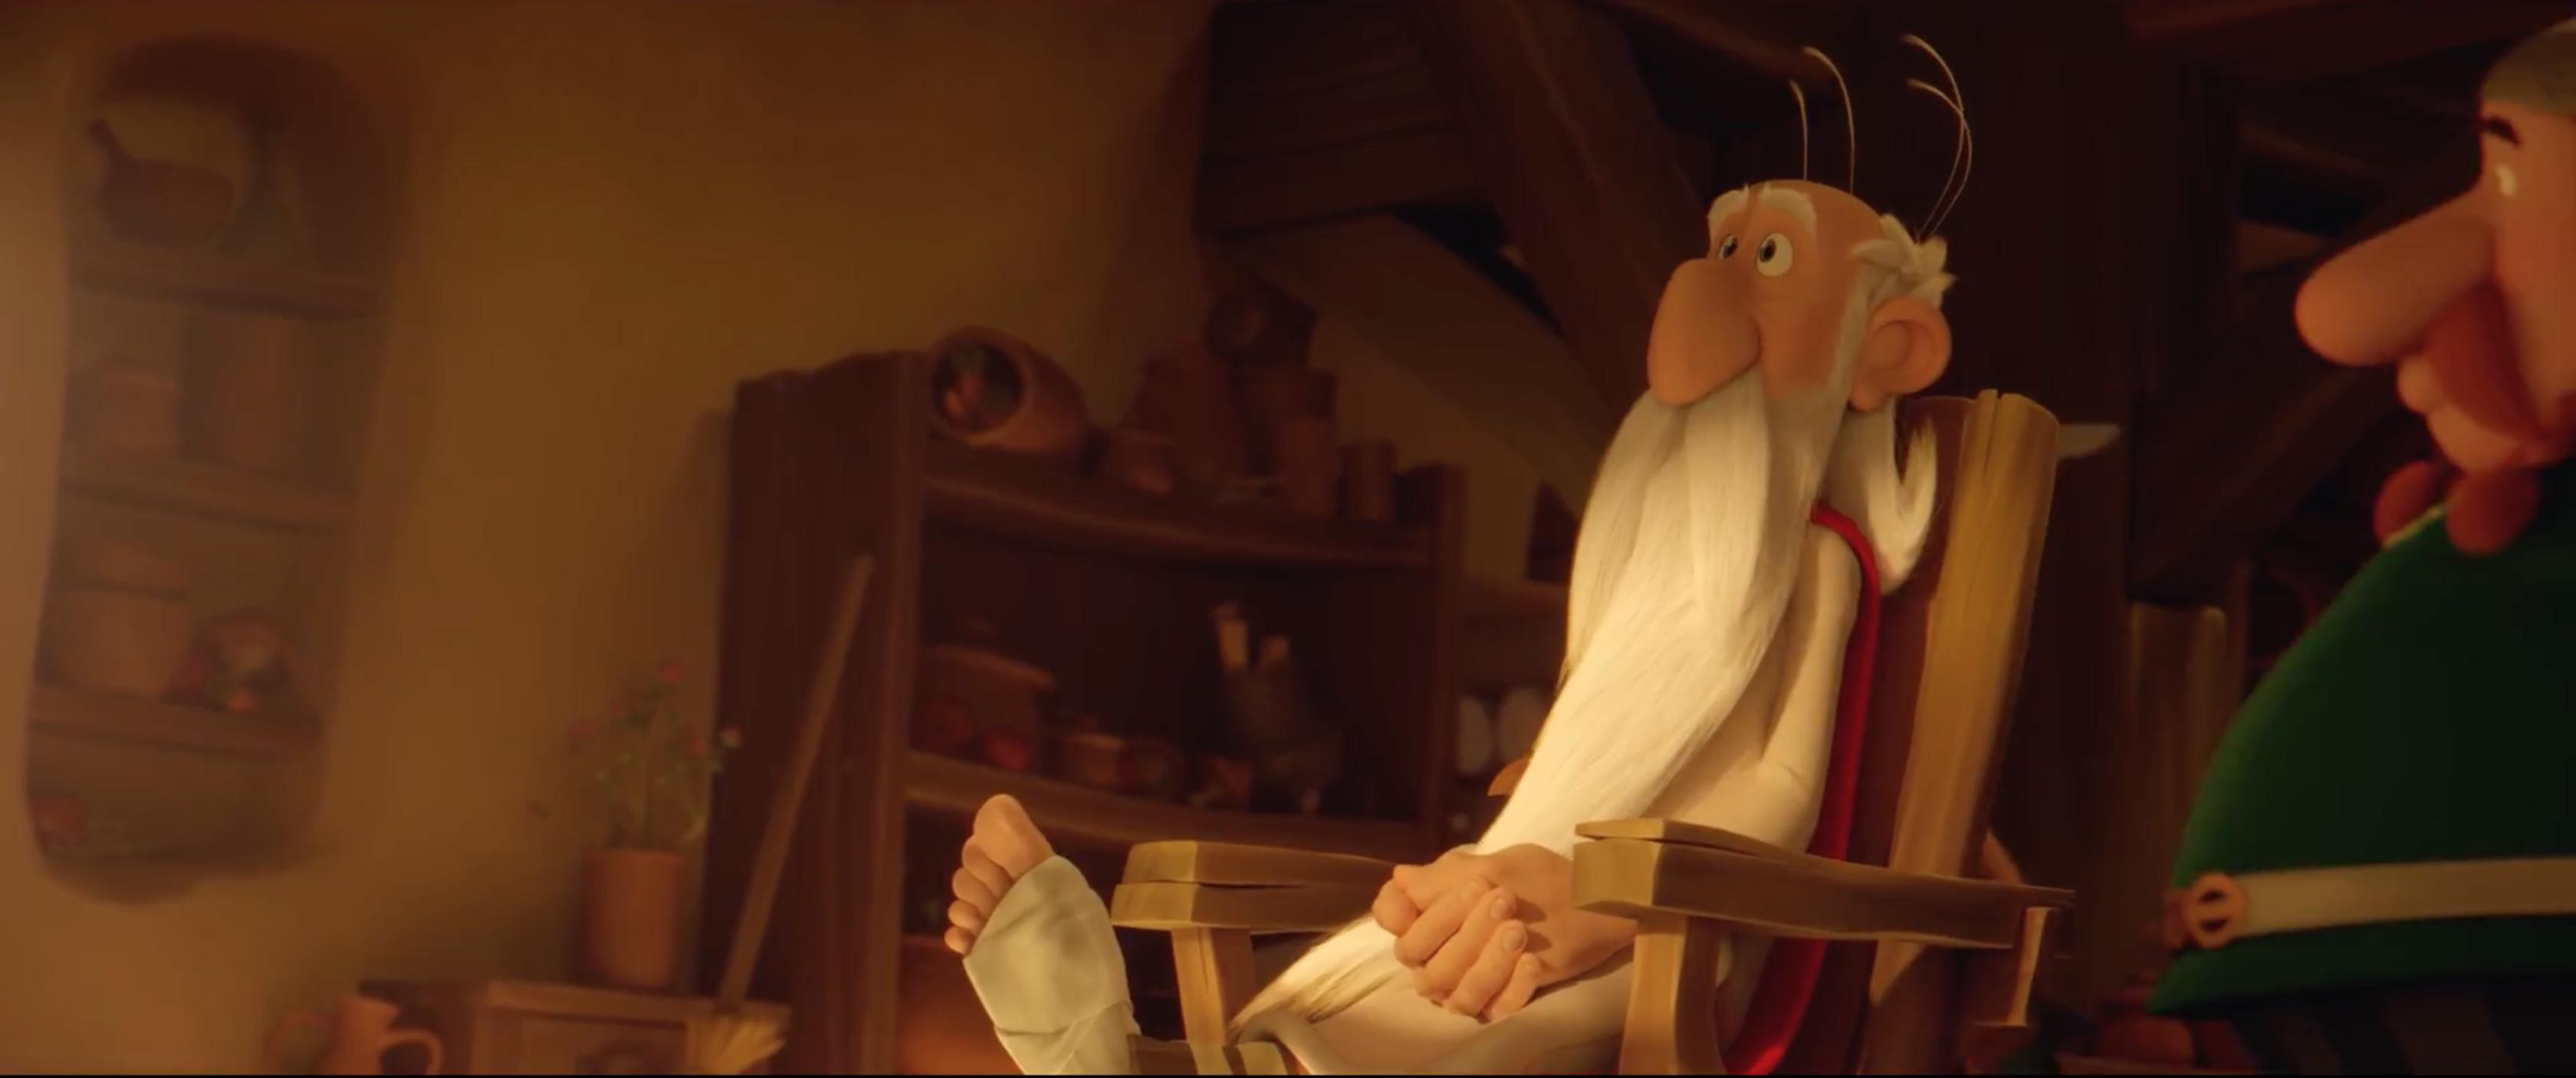 Astérix et le secret de la Potion Magique Official Trailer